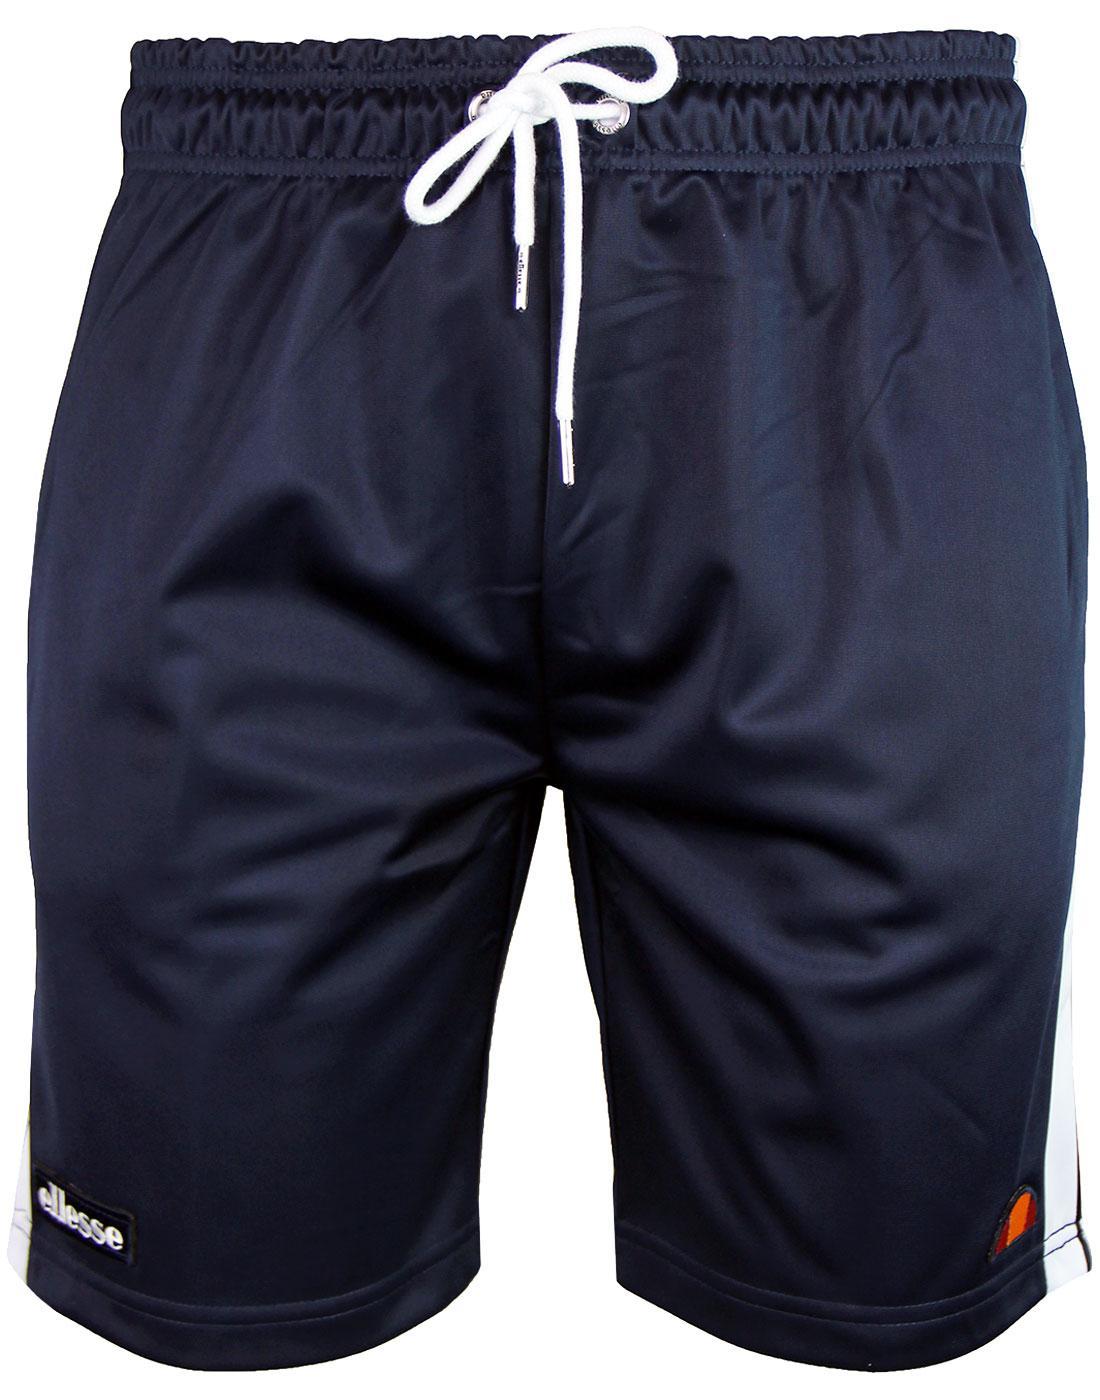 Legnano ELLESSE Men's Retro Eighties Casual Shorts